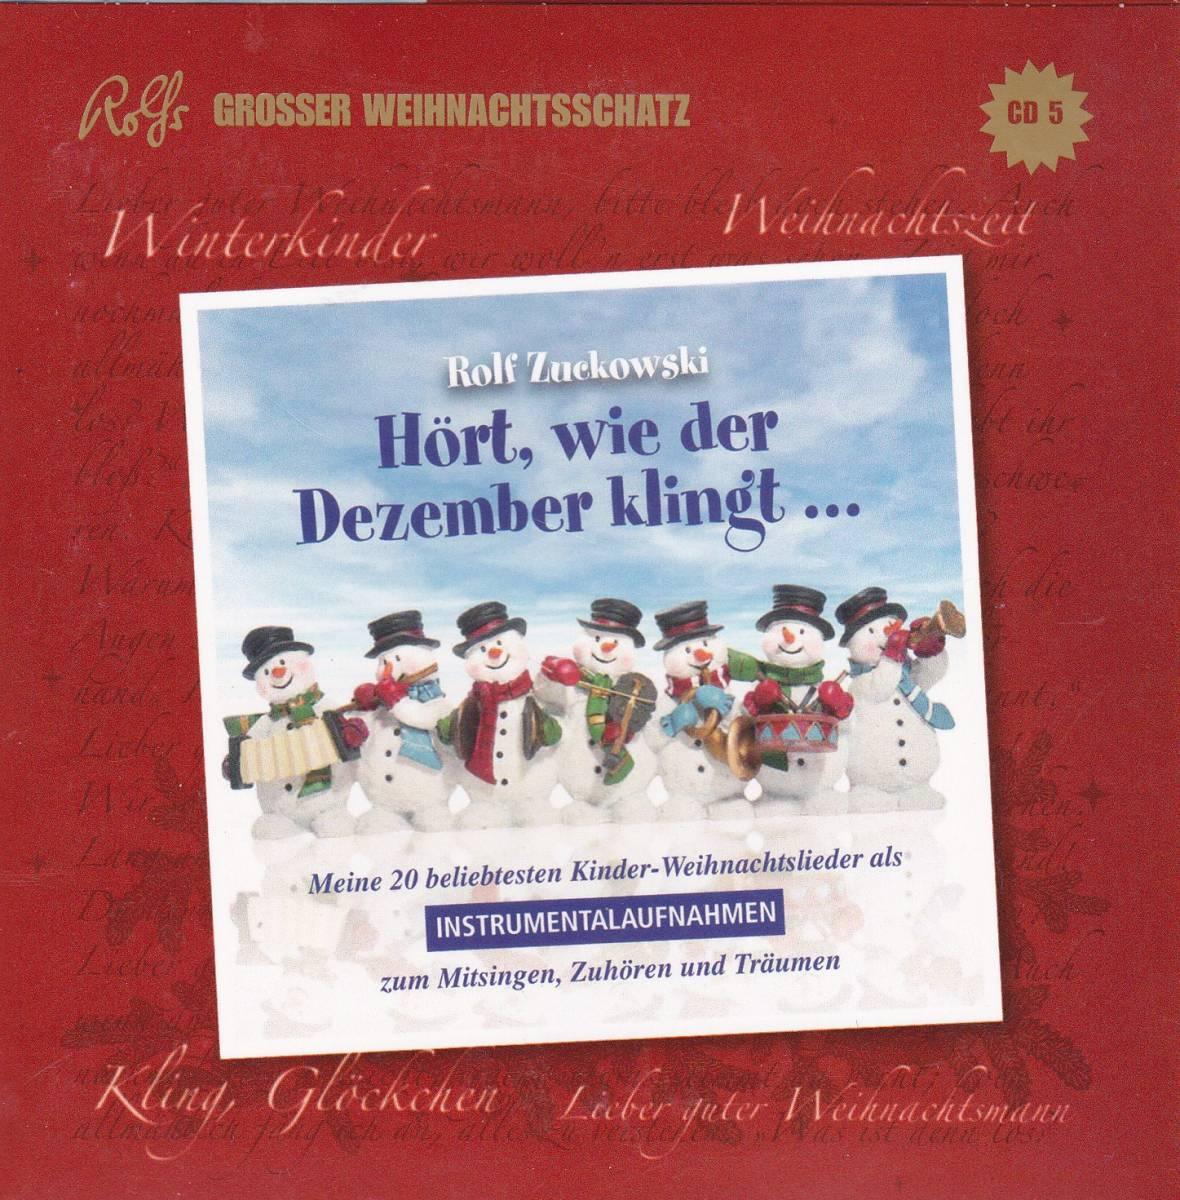 Danke Lieber Tannenbaum Text.Rolf Zuckowski Seine Freunde Rolfs Großer Weihnachtsschatz 5 Cd